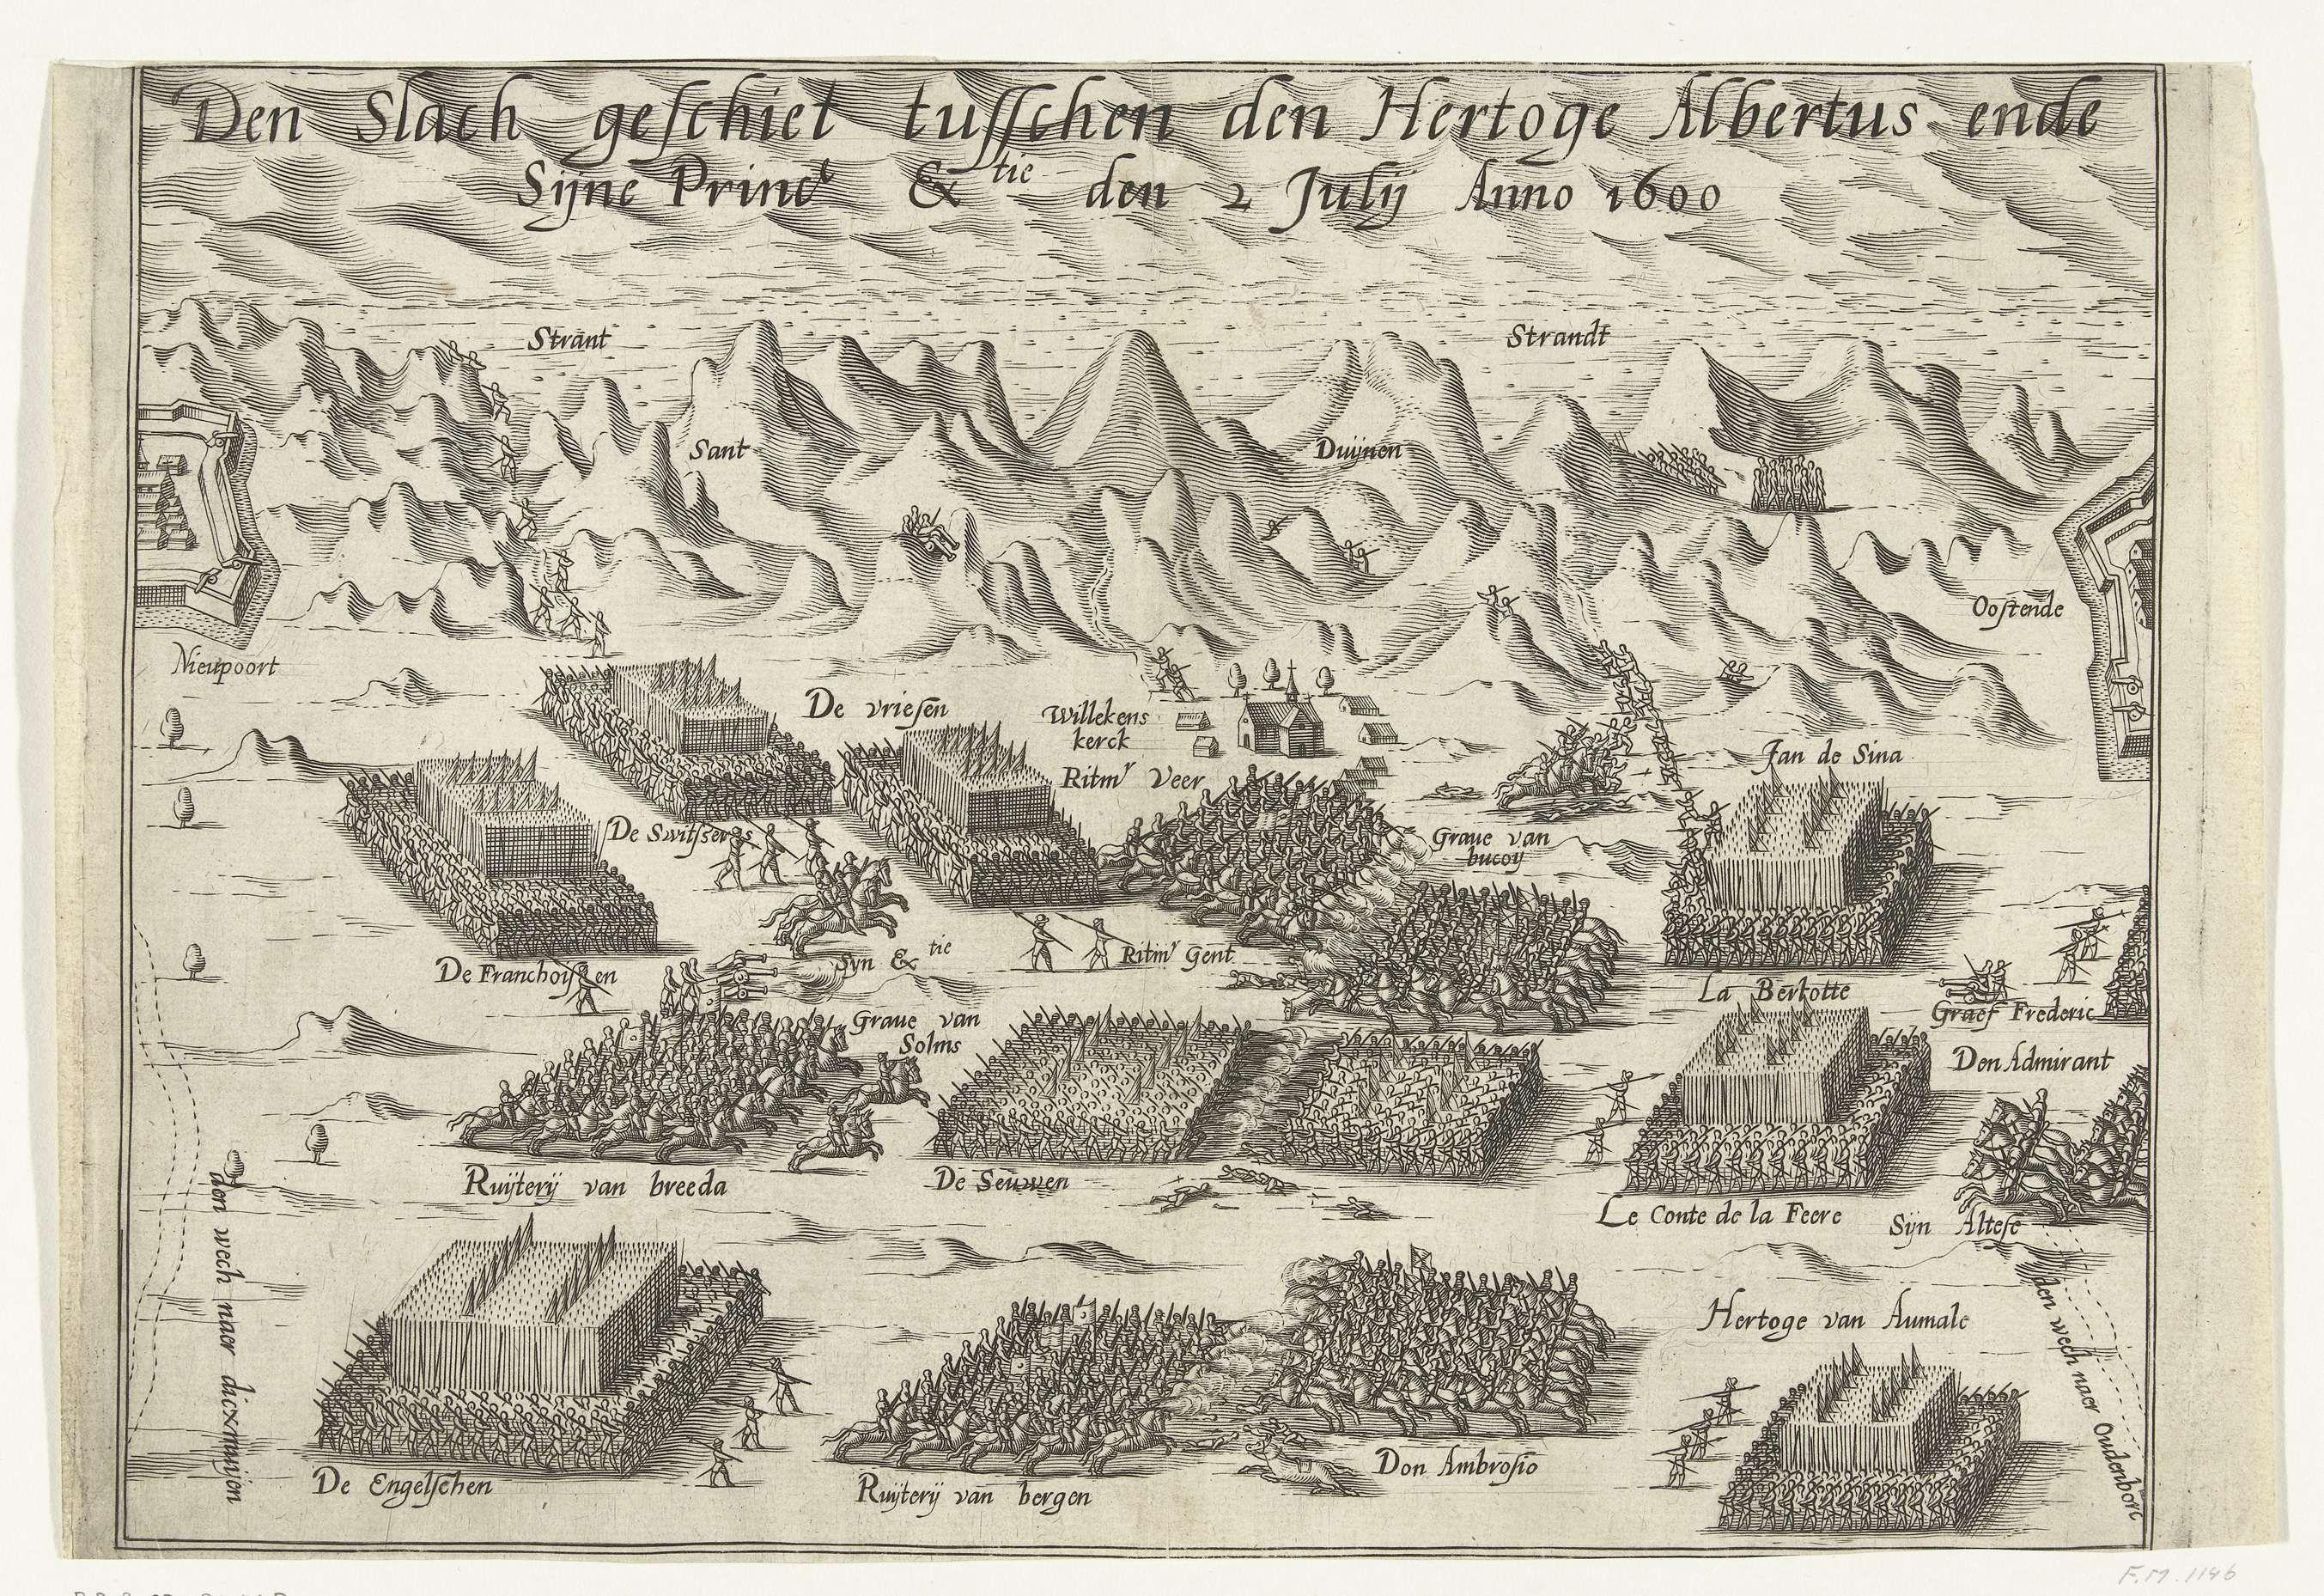 Anonymous | De slag bij Nieuwpoort, 1600, Anonymous, 1600 - 1605 | De slag bij Nieuwpoort, 2 juli 1600. Gevechten op het strand en in de duinen tussen het Staatse leger onder Maurits en de Spaanse troepen onder Albrecht.